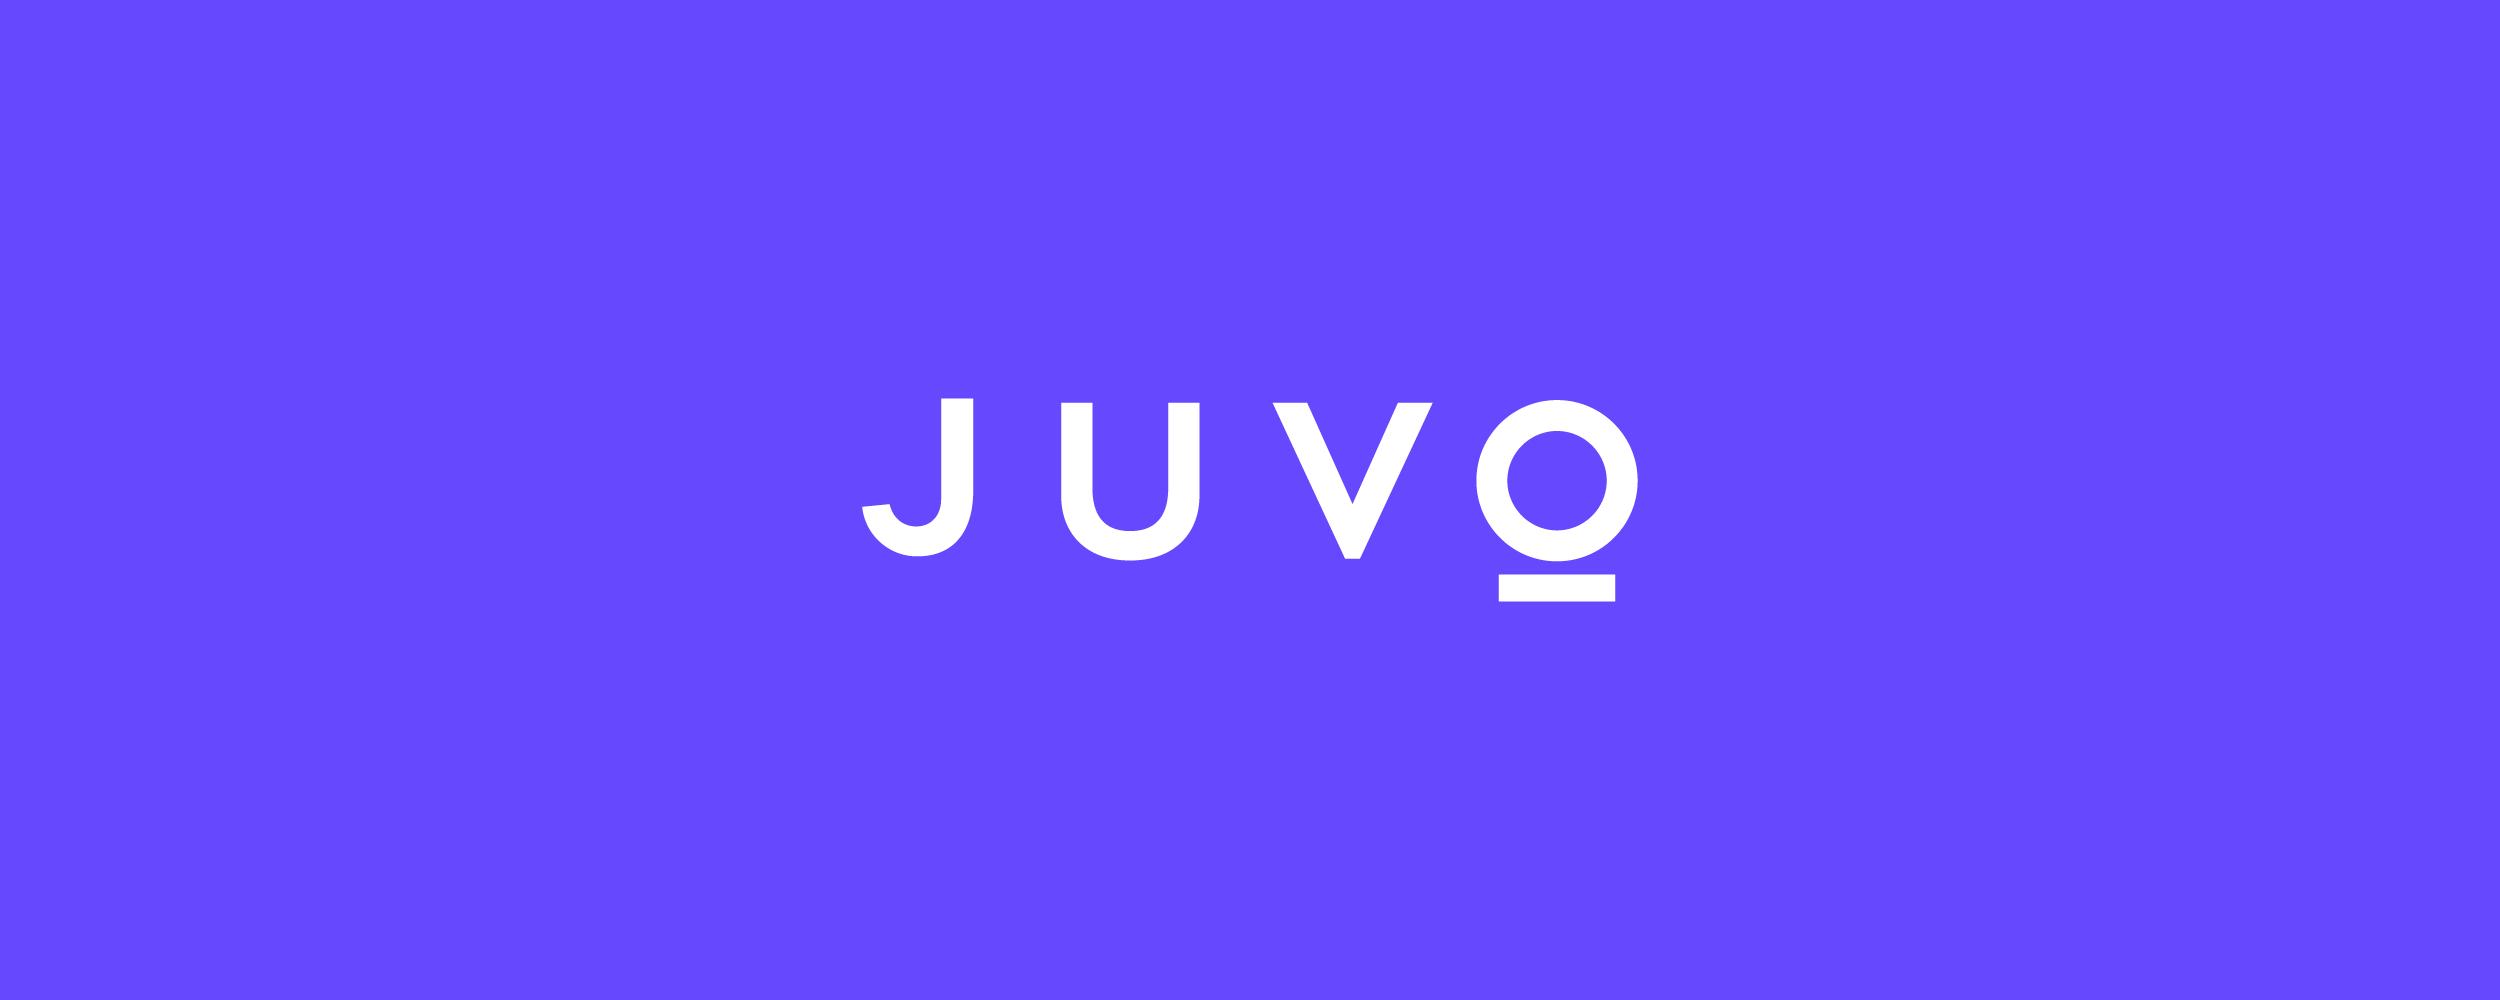 Juvo-hero-01.png